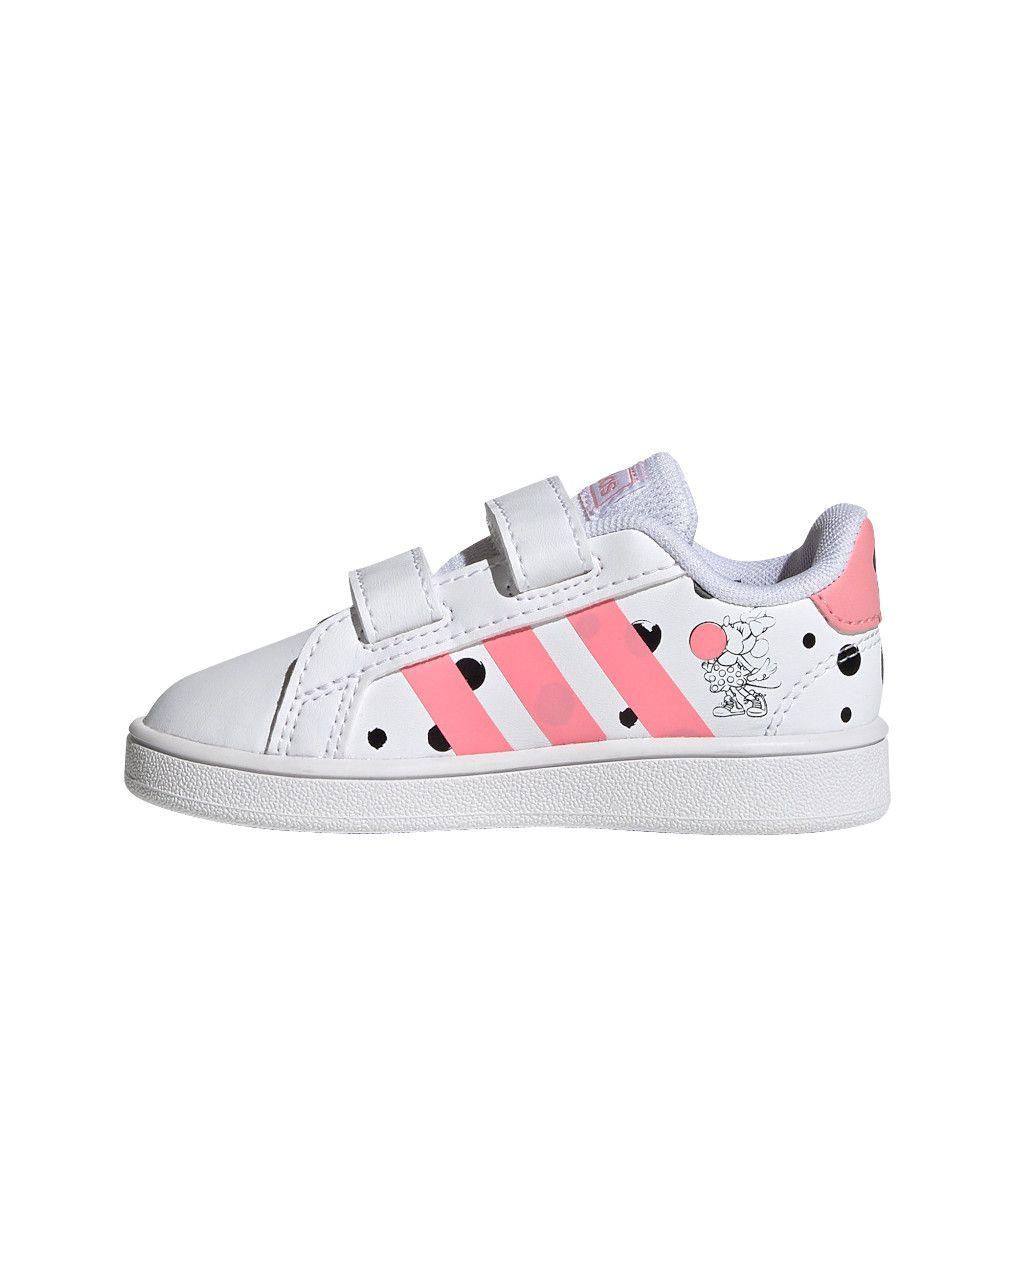 Grand court i - Adidas